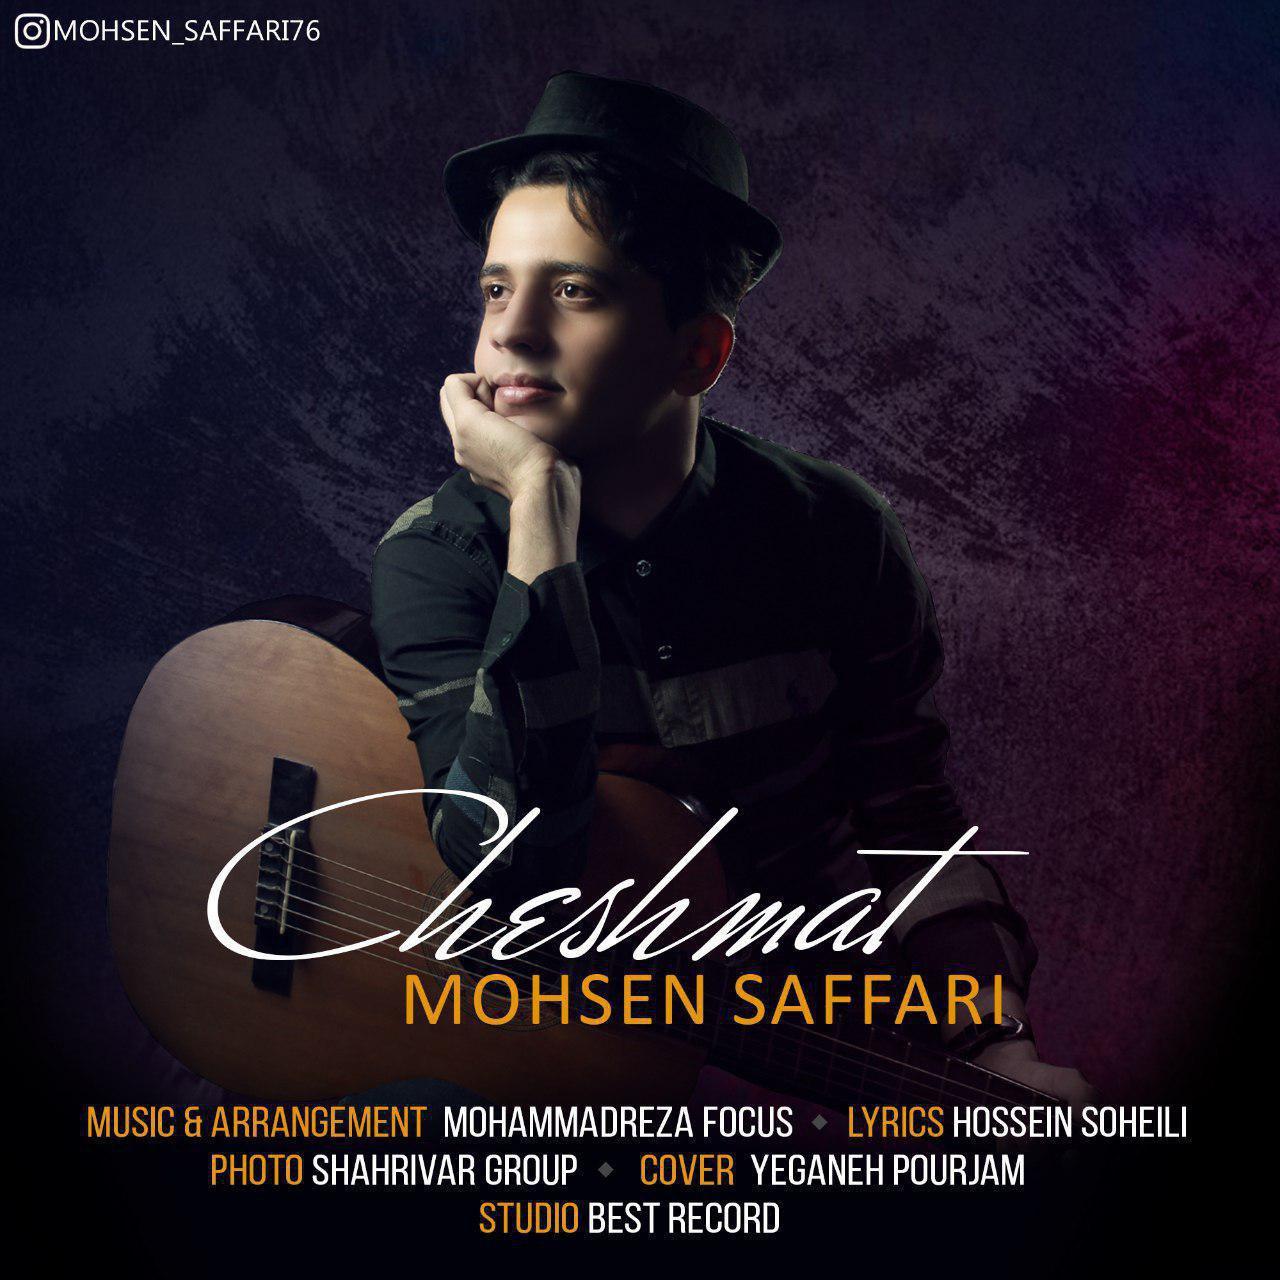 Mohsen Saffari – Cheshmat